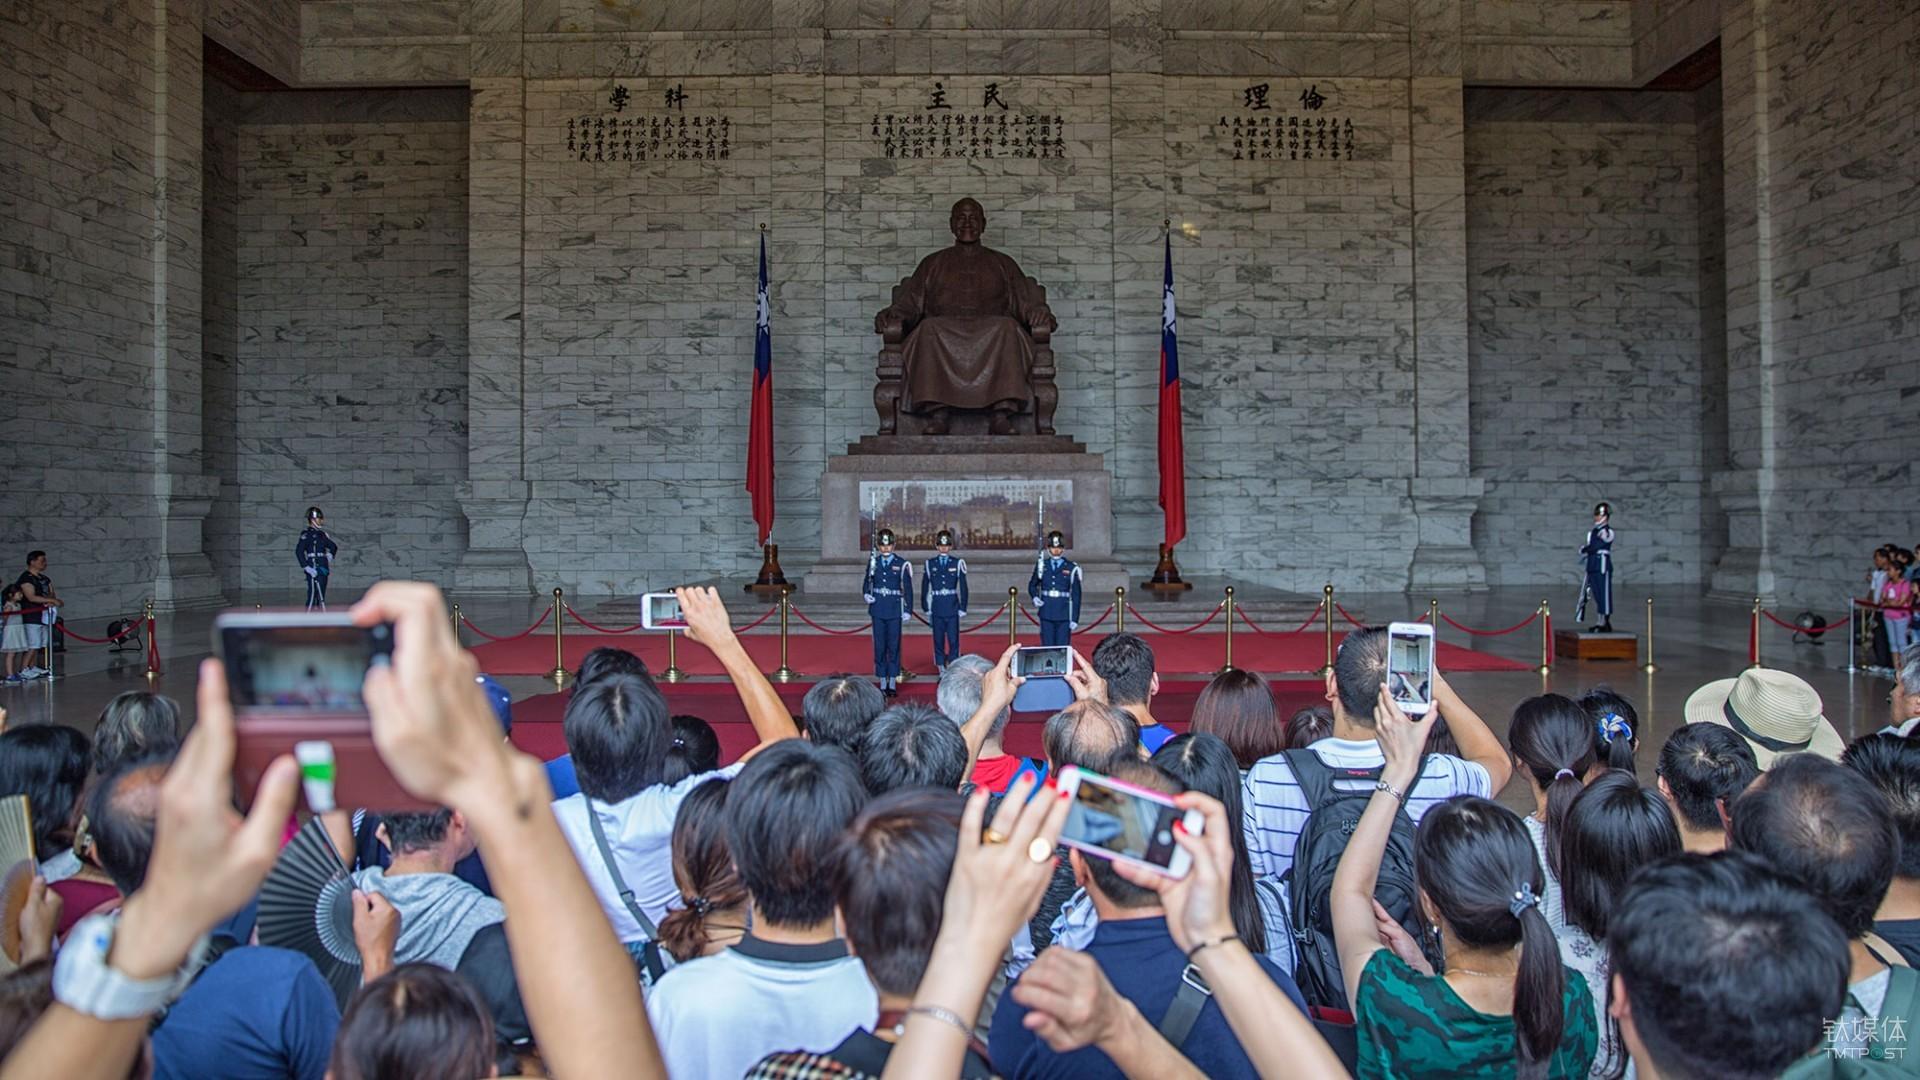 交接。台北中正纪念堂,观看列兵交接换岗仪式的游客。